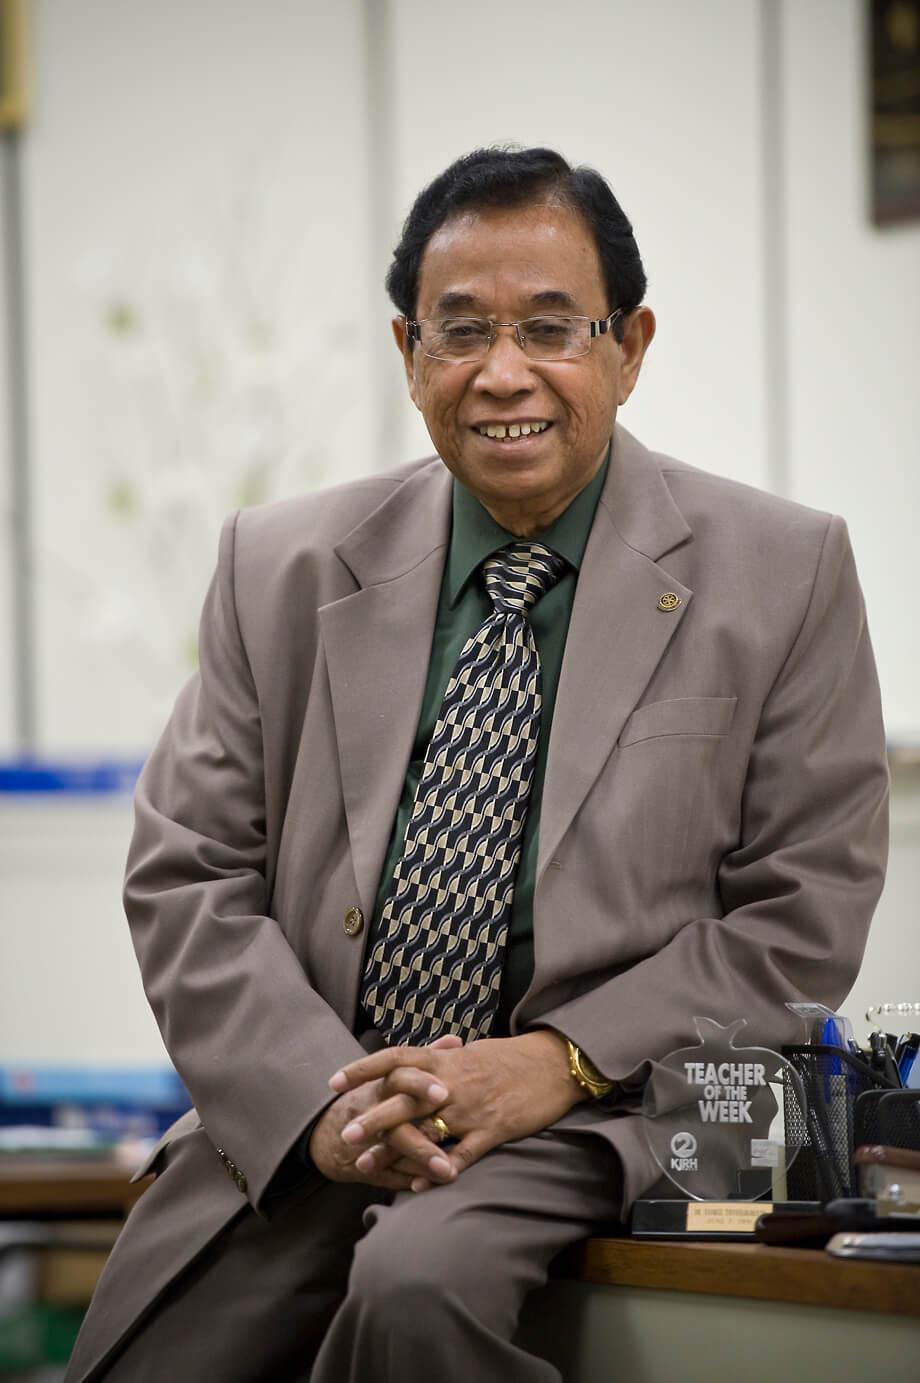 Dr. Samuel Thorpe